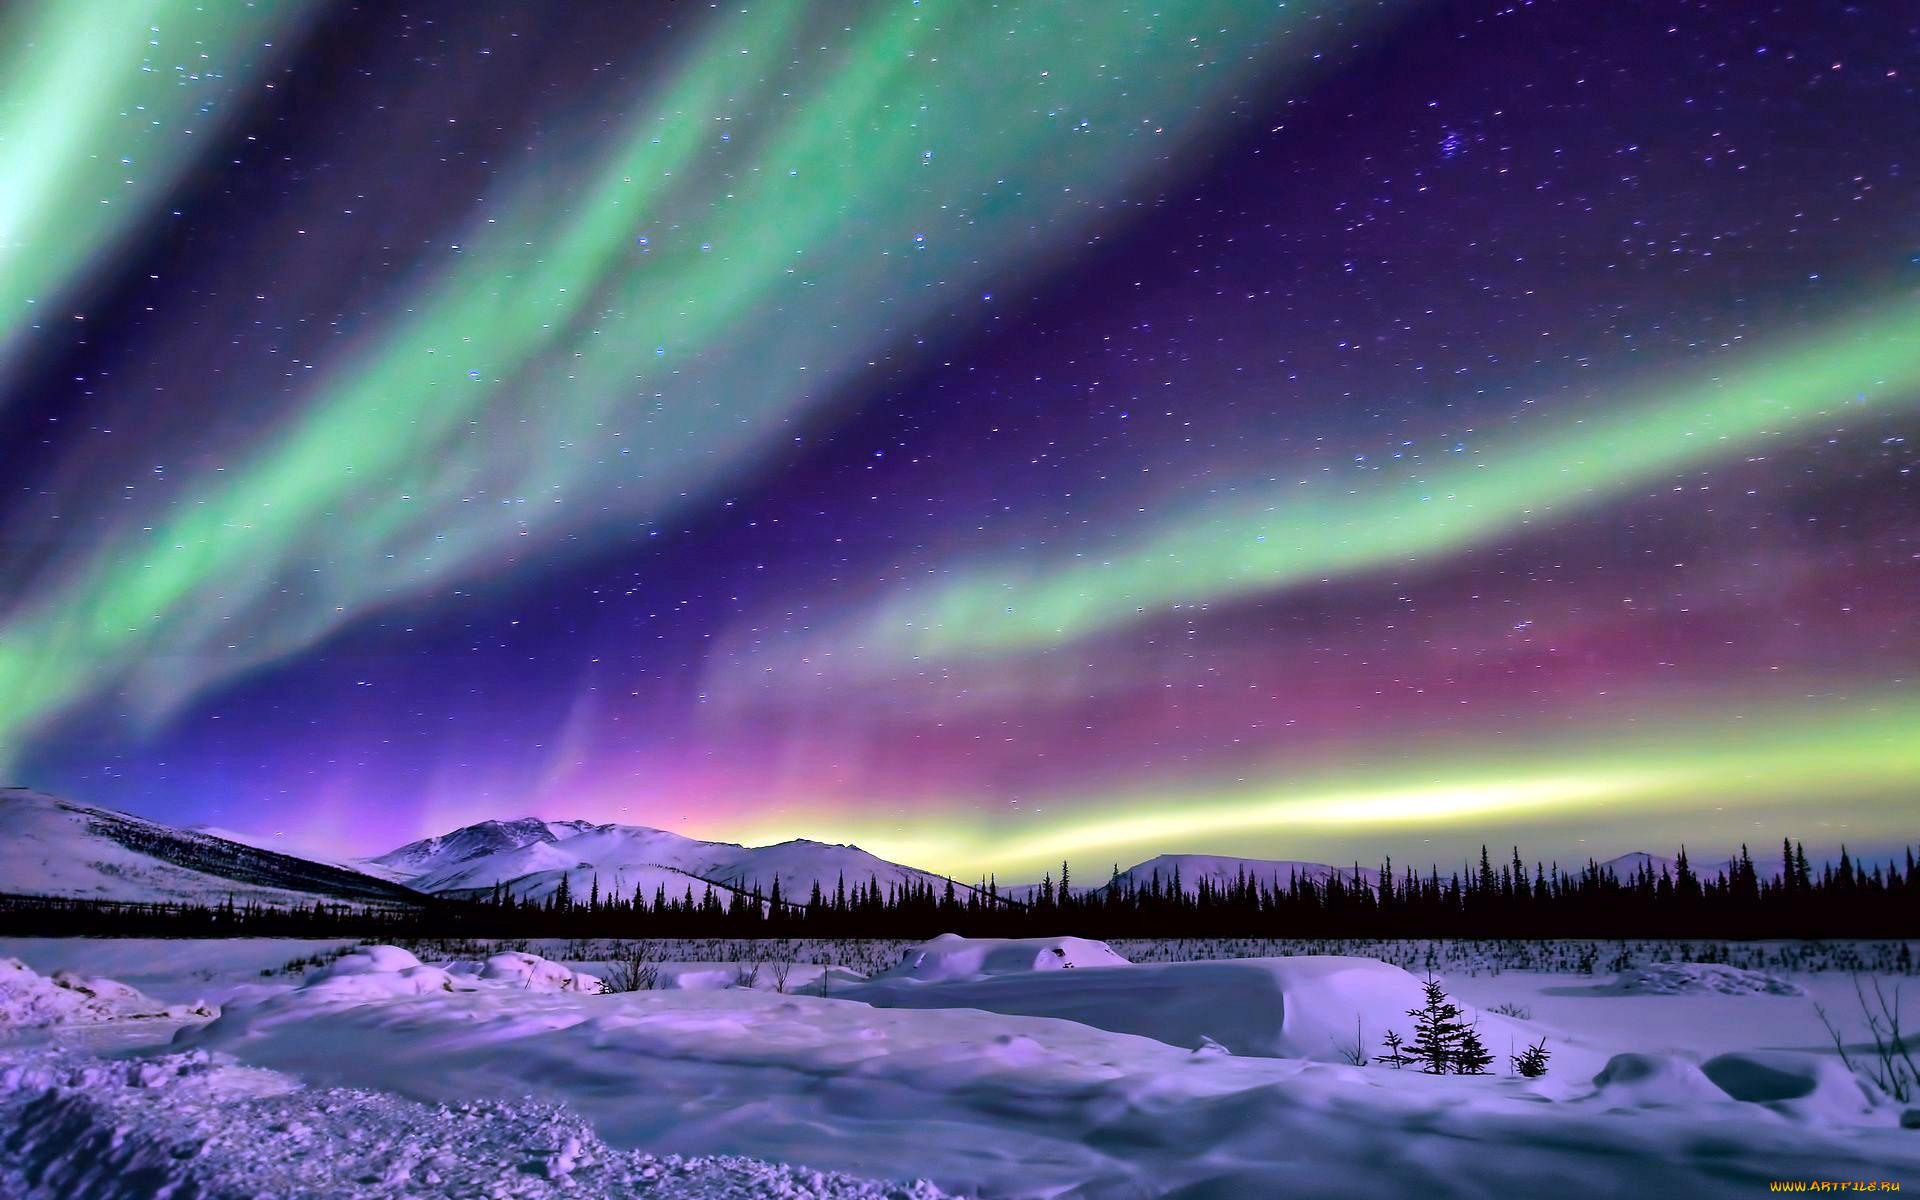 картинки северного сияния зимой узнала сразу